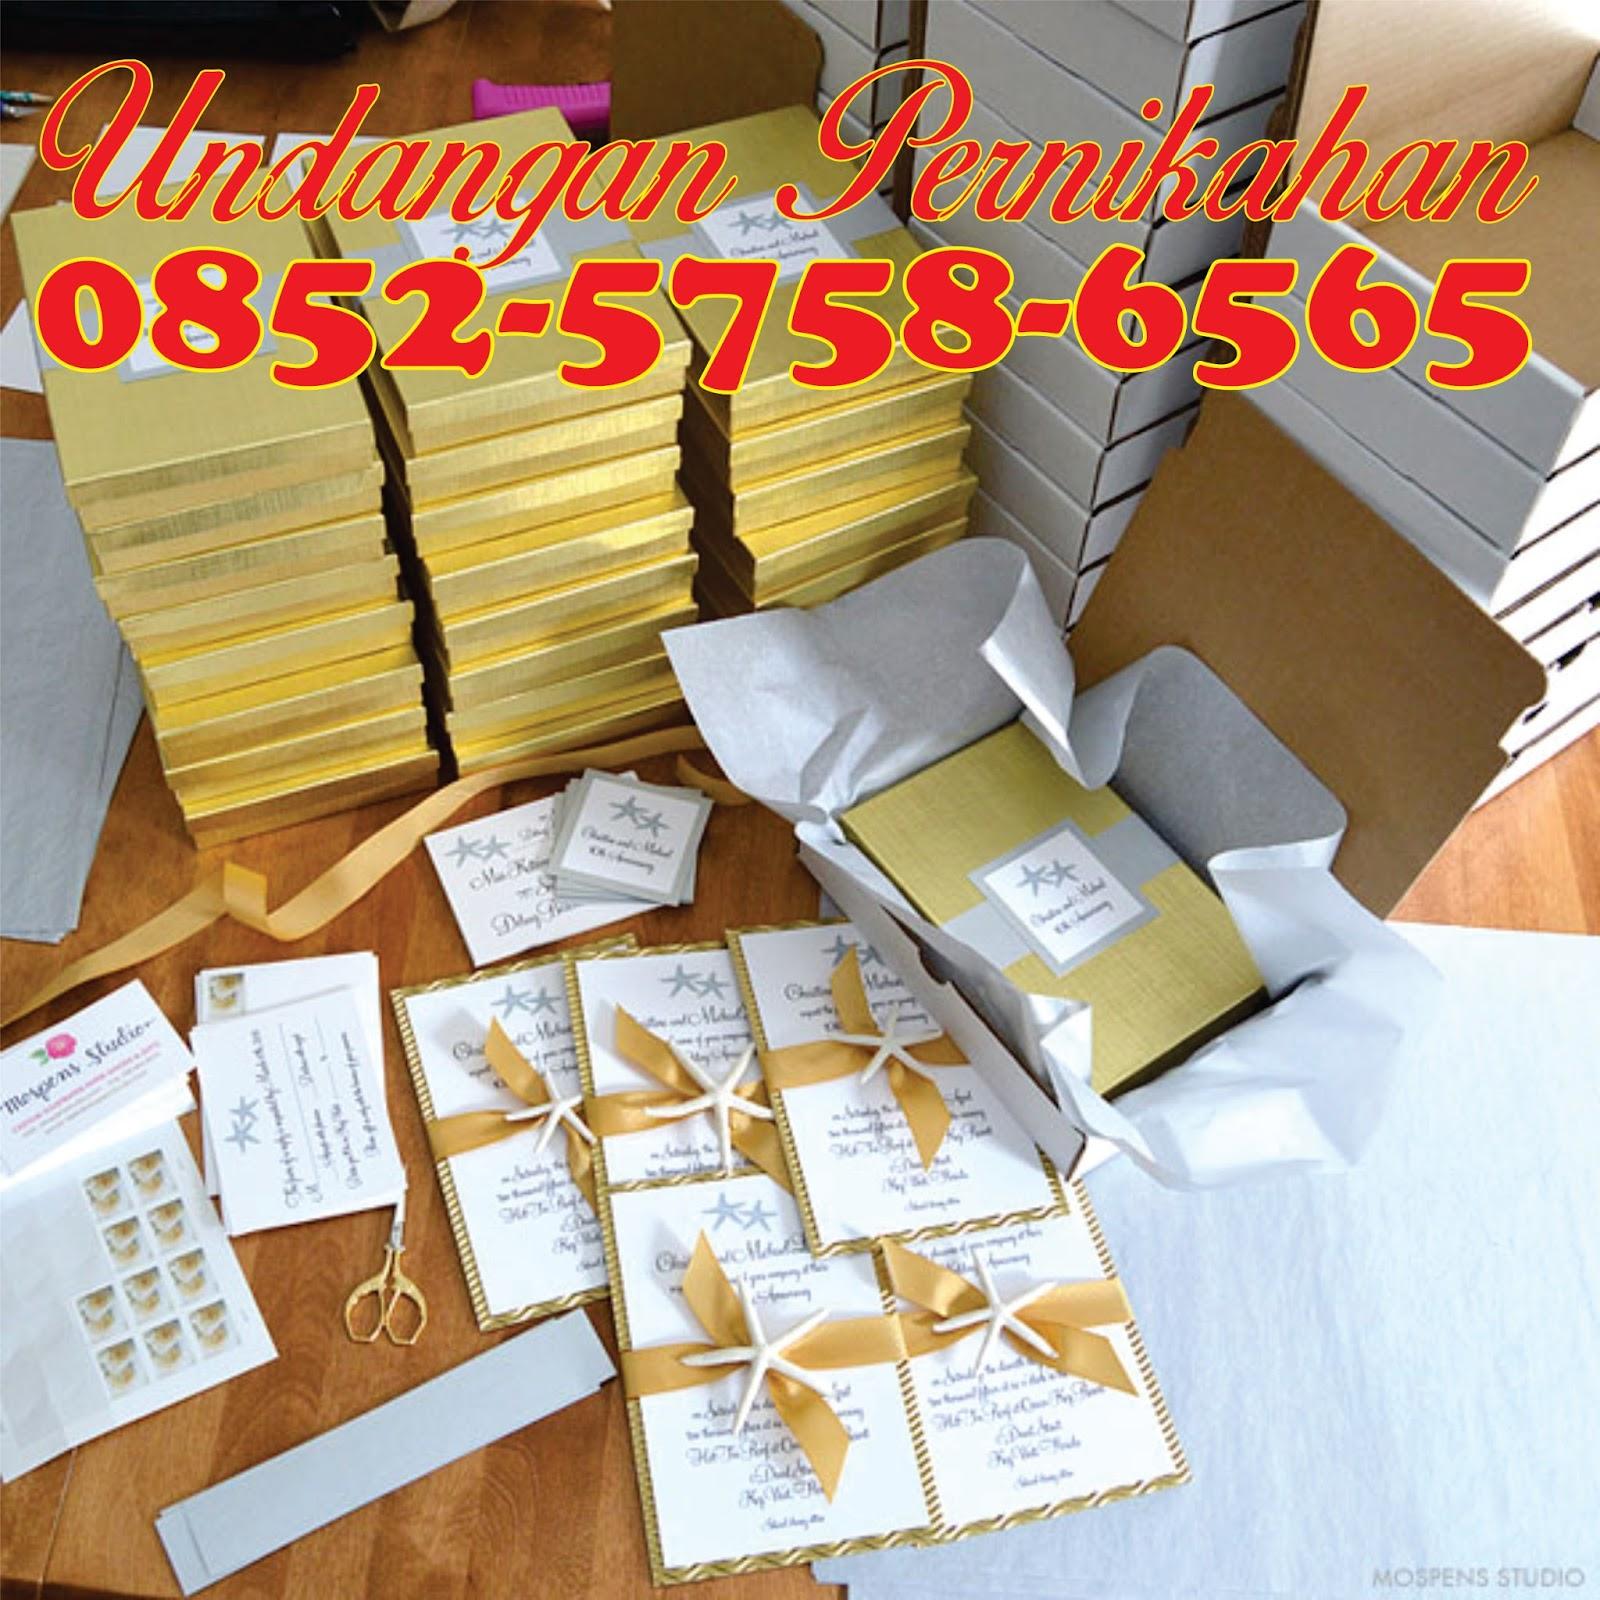 0852 5758 6565 Simpati Kartu Undangan Pernikahan Minimalis Kartu